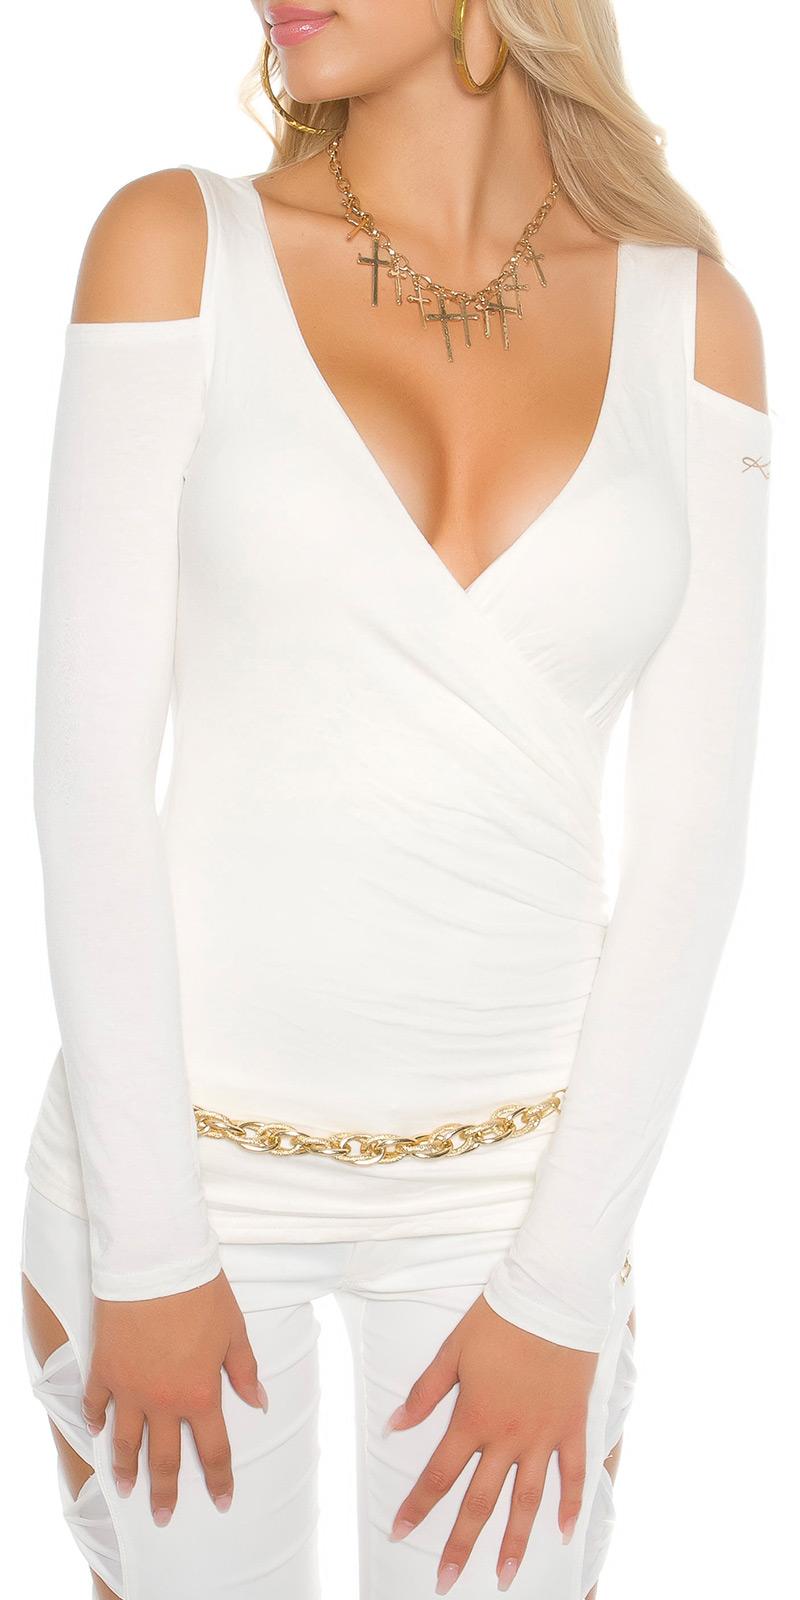 Bluze maneca lunga sexy cu umerii goi model petrecut